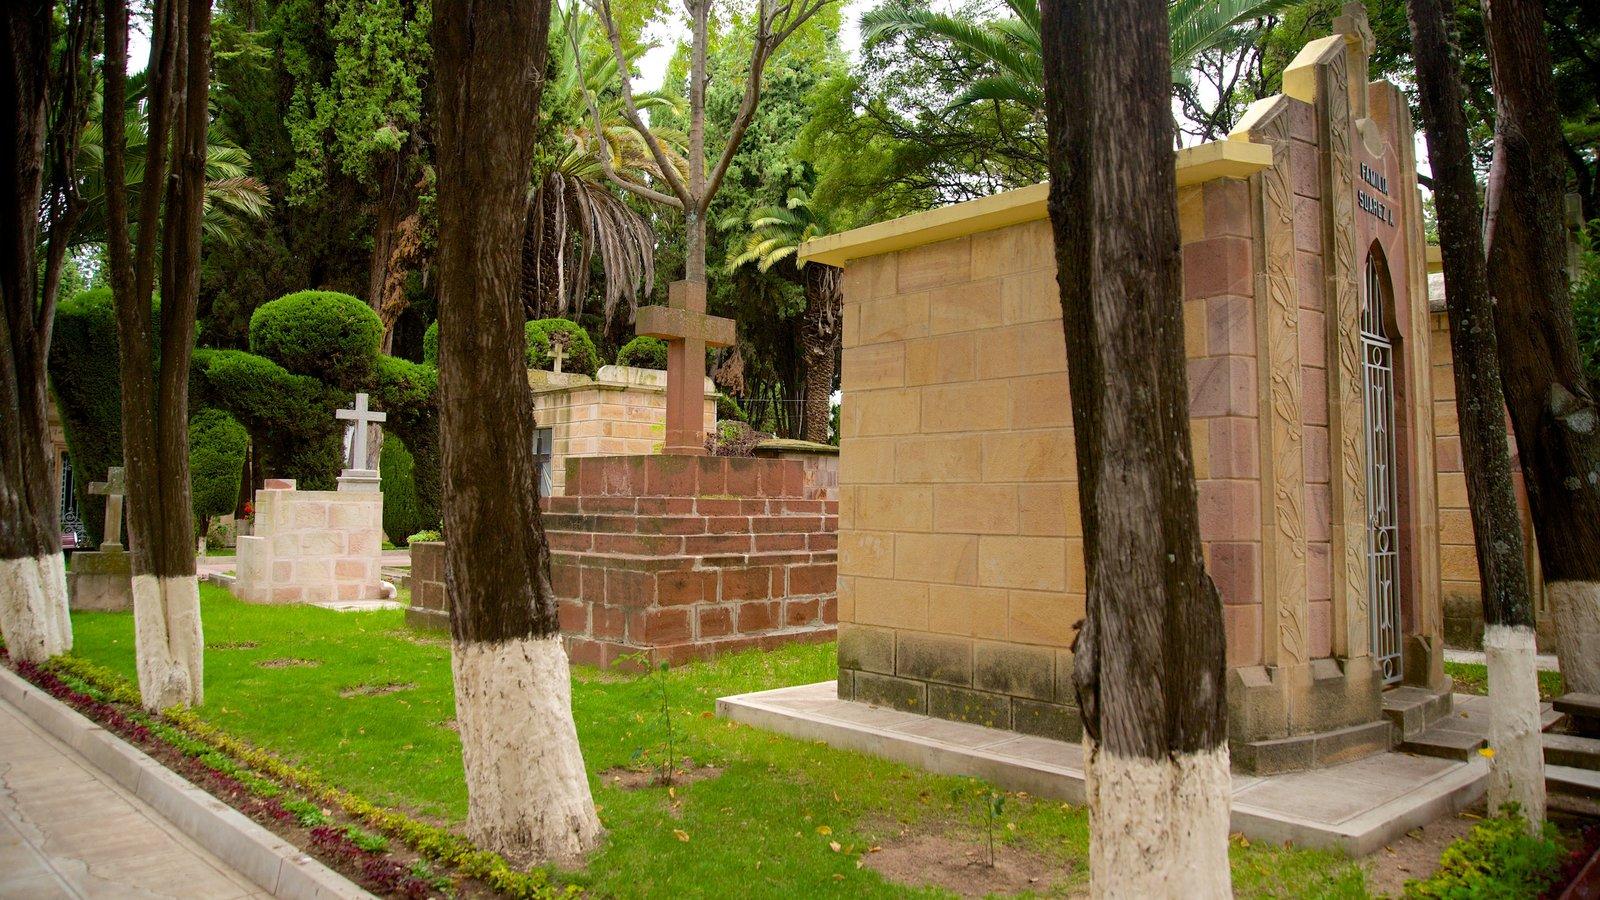 Subandeano que inclui um cemitério